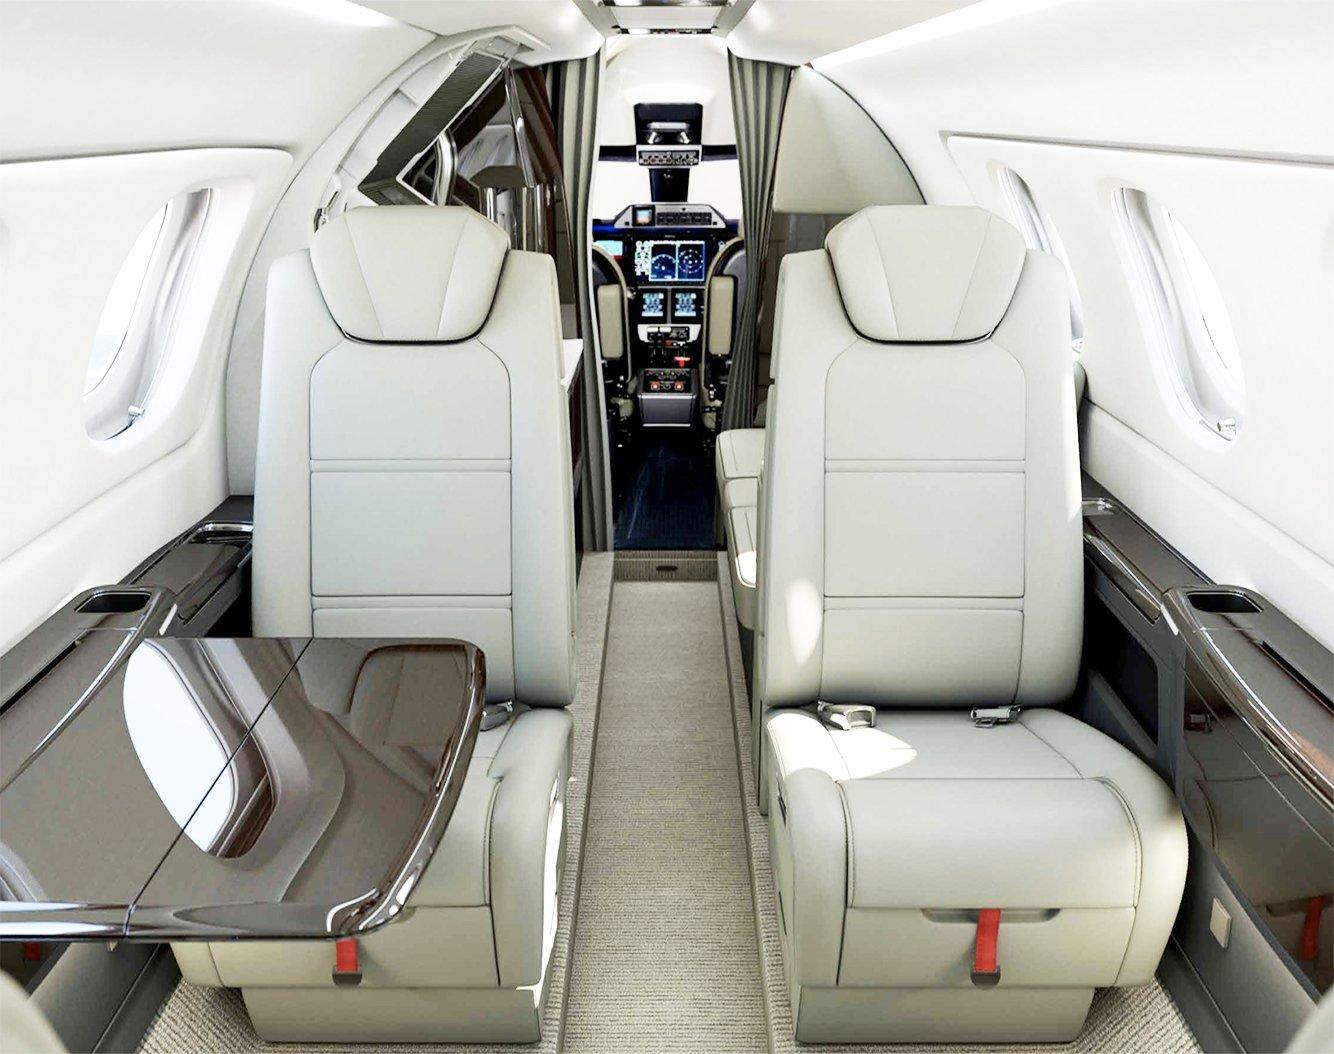 Sydney Jet Charter Phenom 300